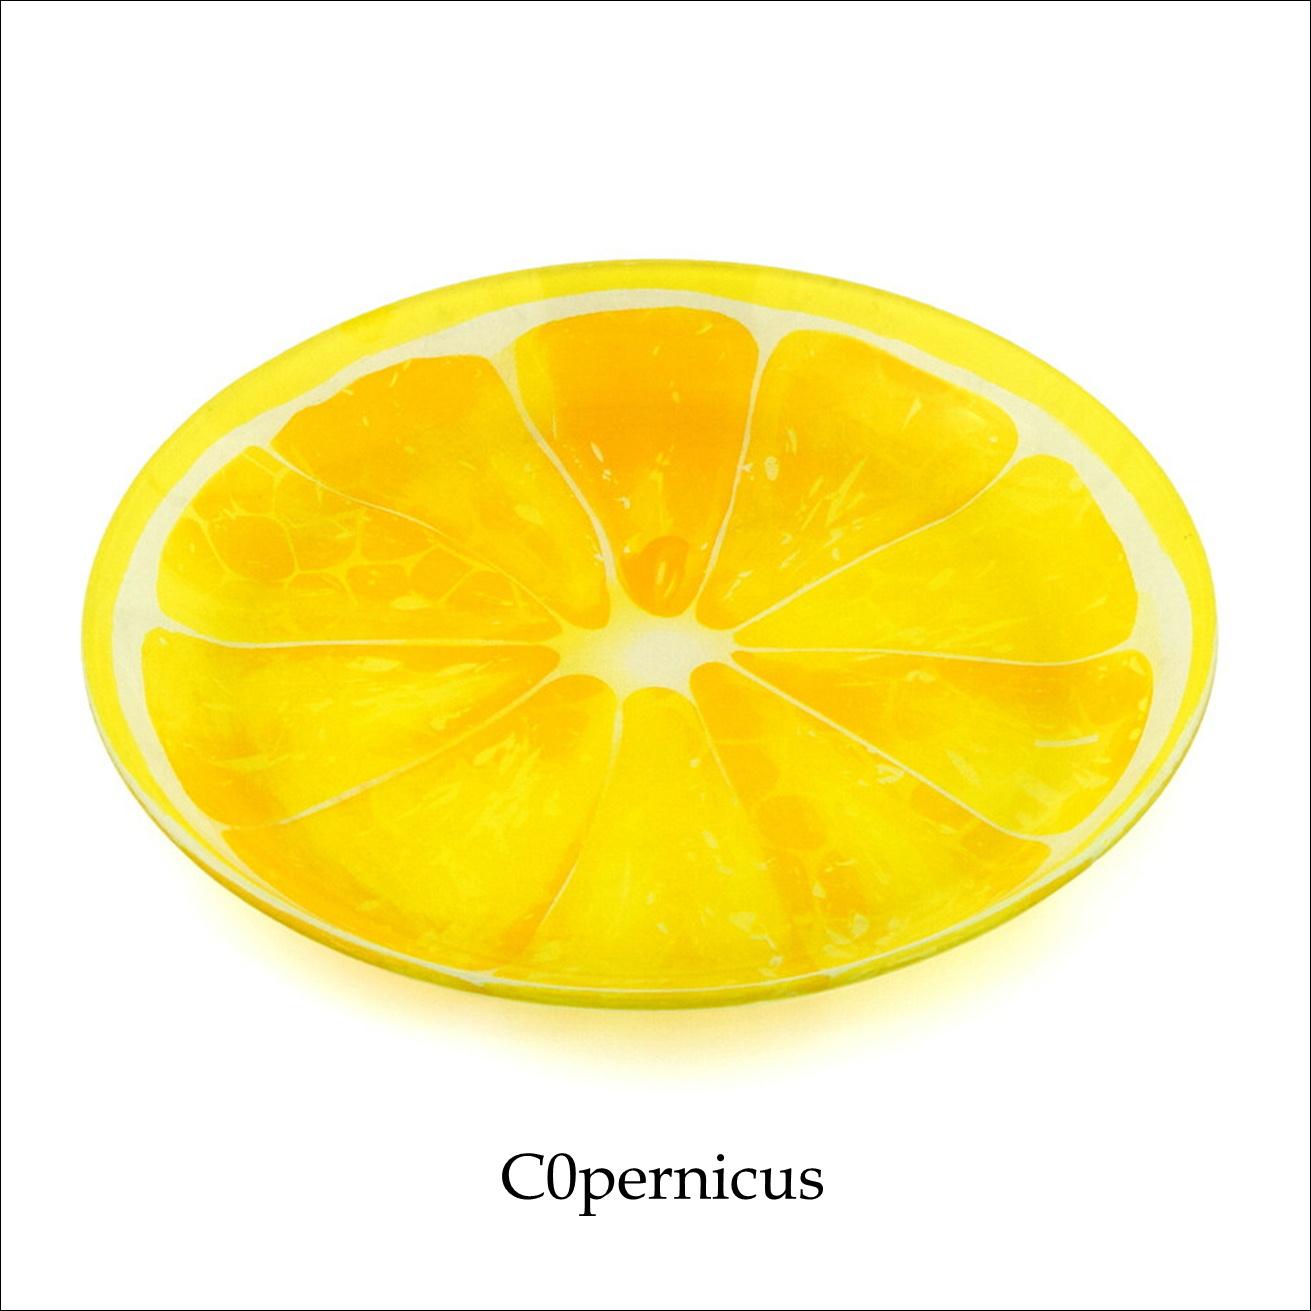 【レモン】ガラスプレート フルーツ/浜松雑貨屋 C0pernicus